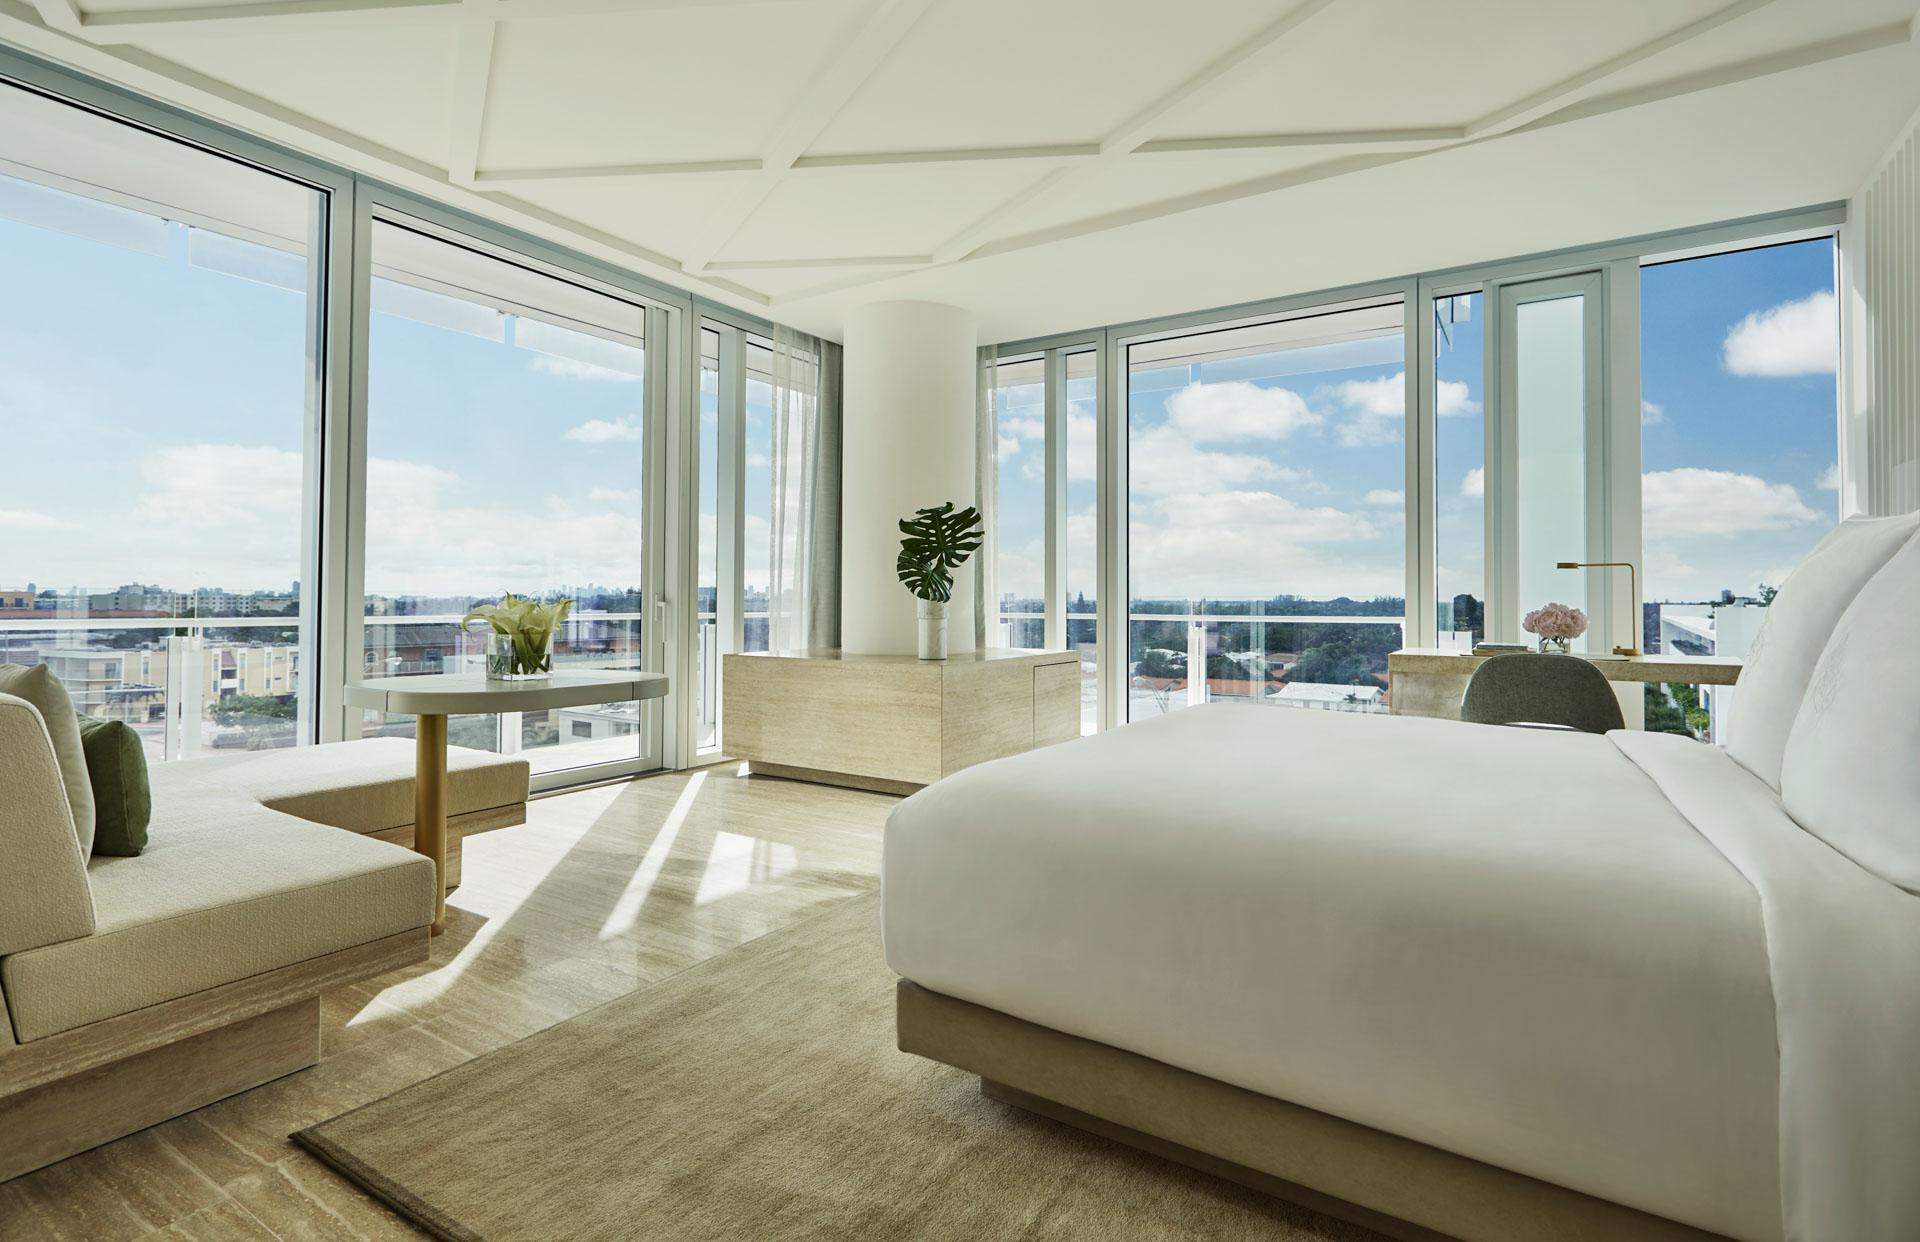 Larges baies vitrées et balcons, qu'elles donnent sur l'océan Atlantique ou sur la ville, les chambres sont toutes largement ouvertes sur l'extérieur